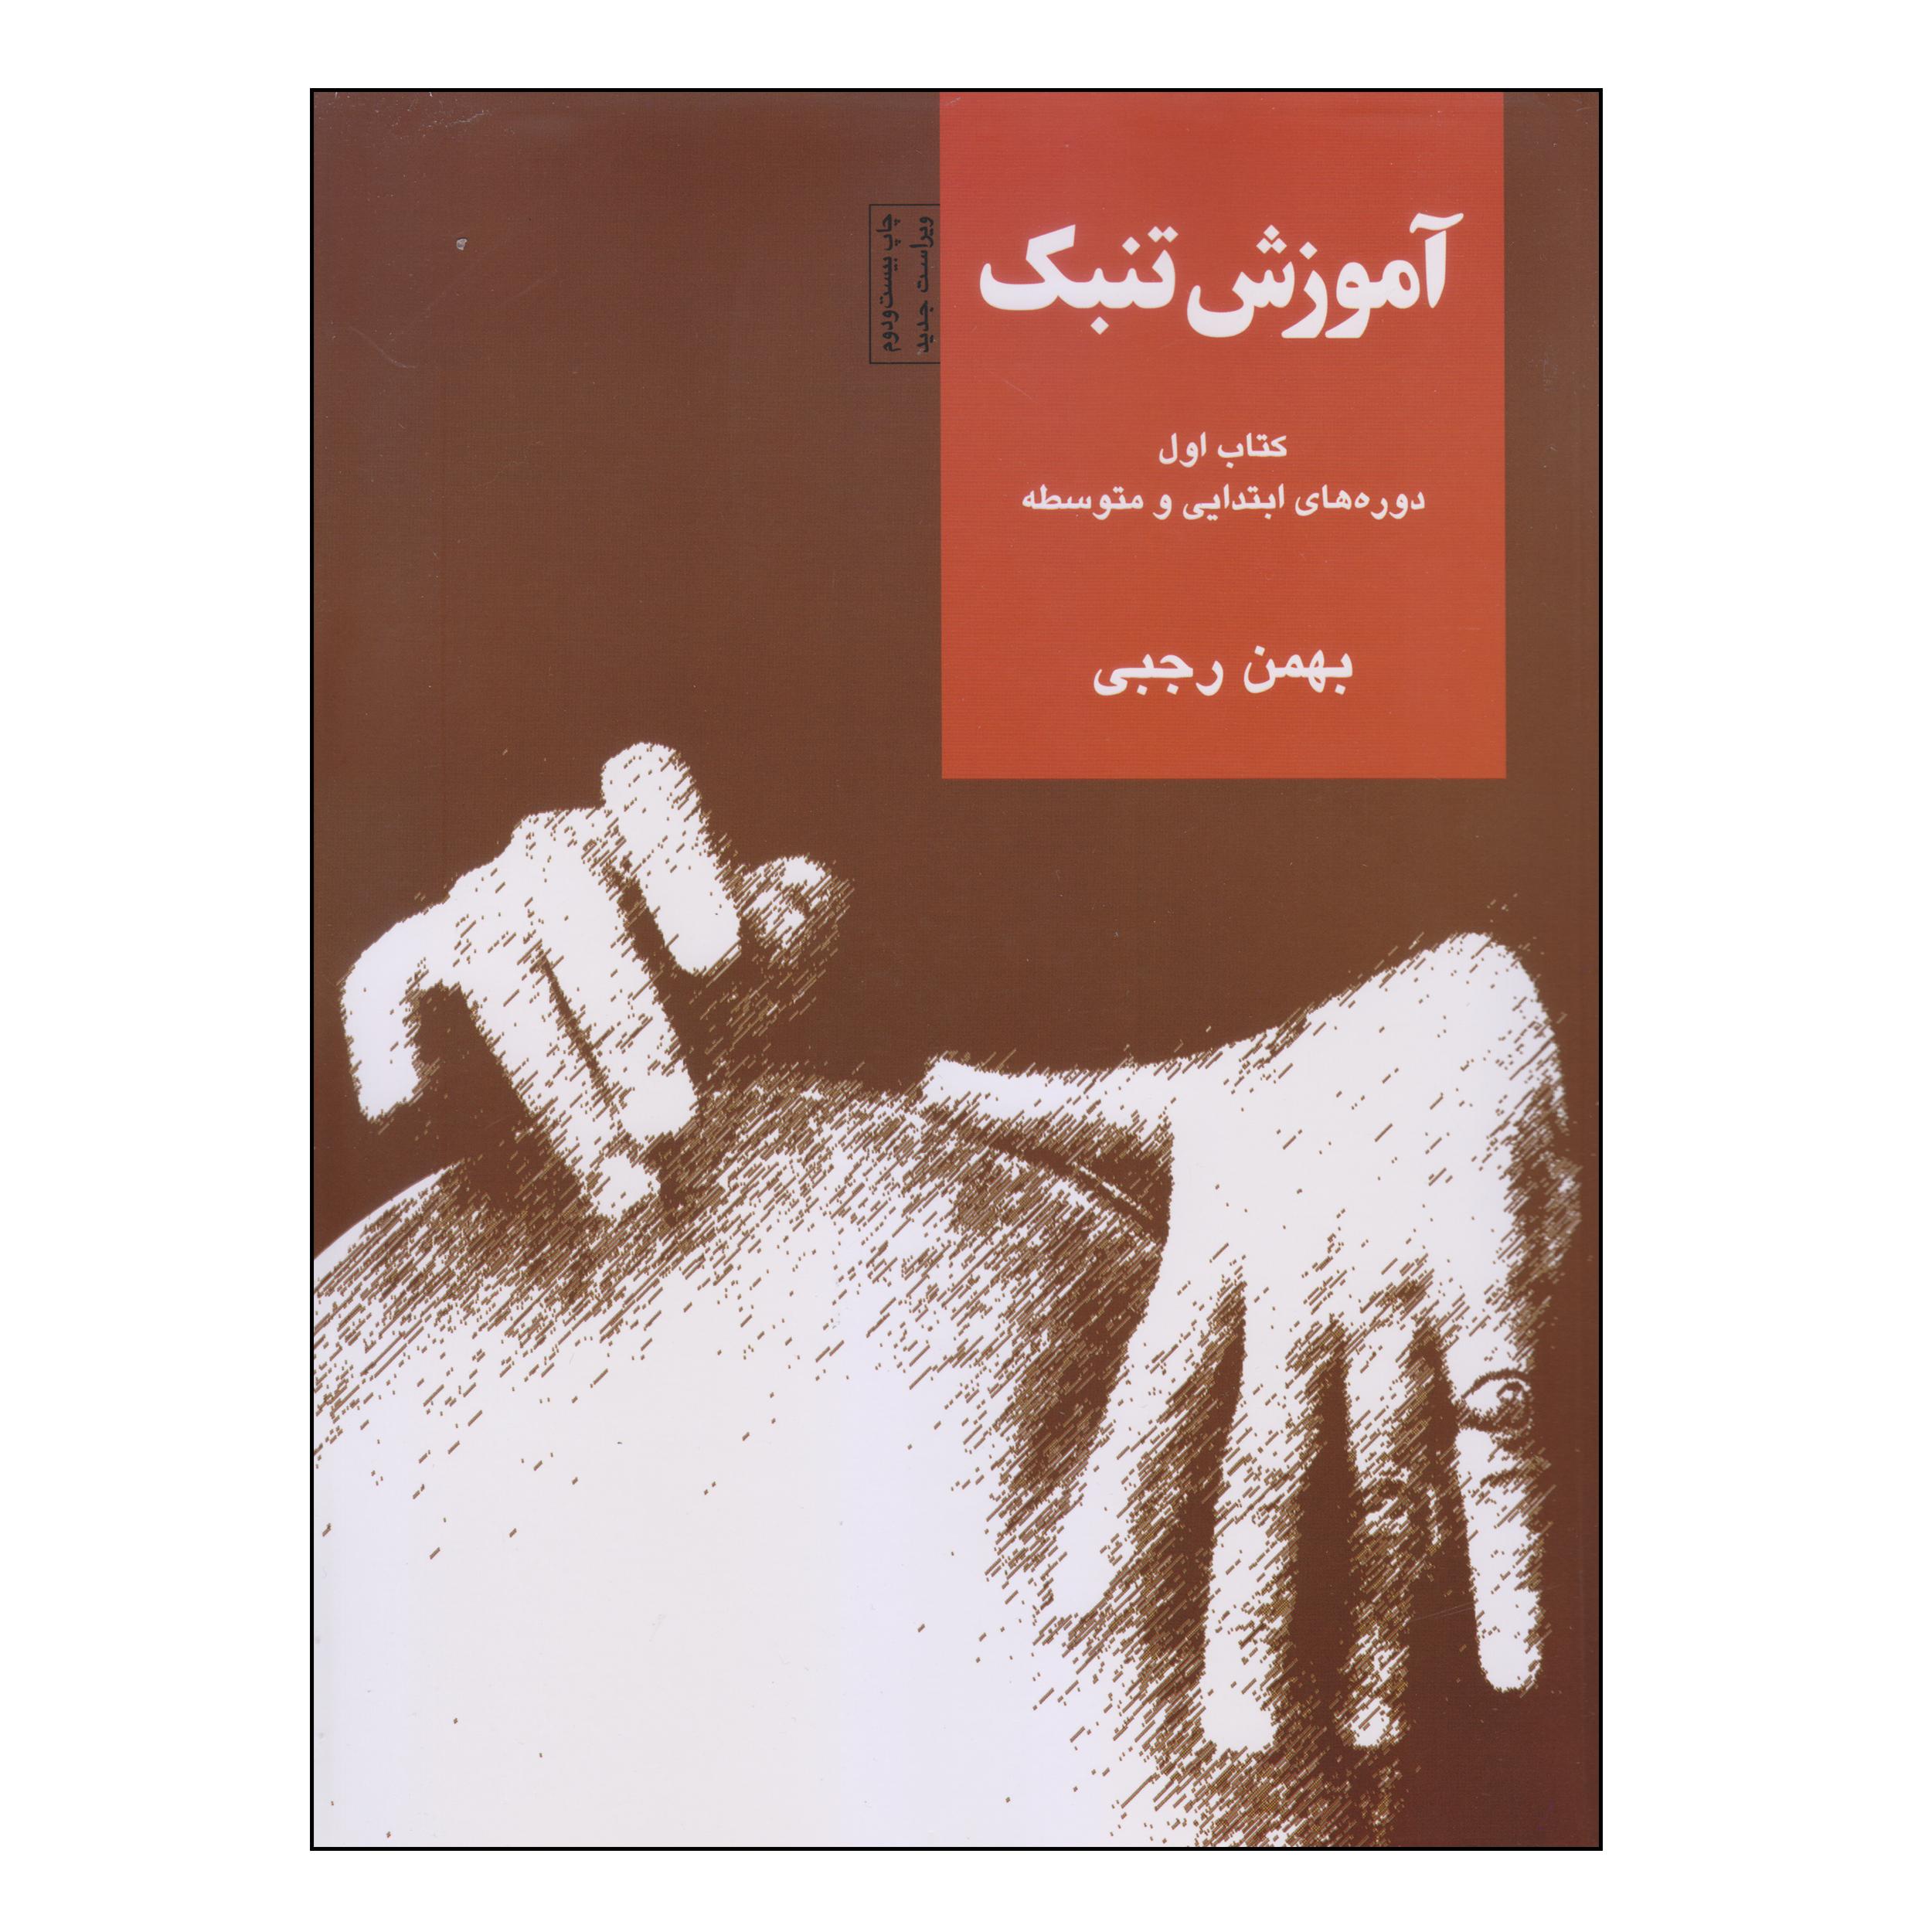 کتاب آموزش تنبک اثر بهمن رجبی نشر سرود جلد 1